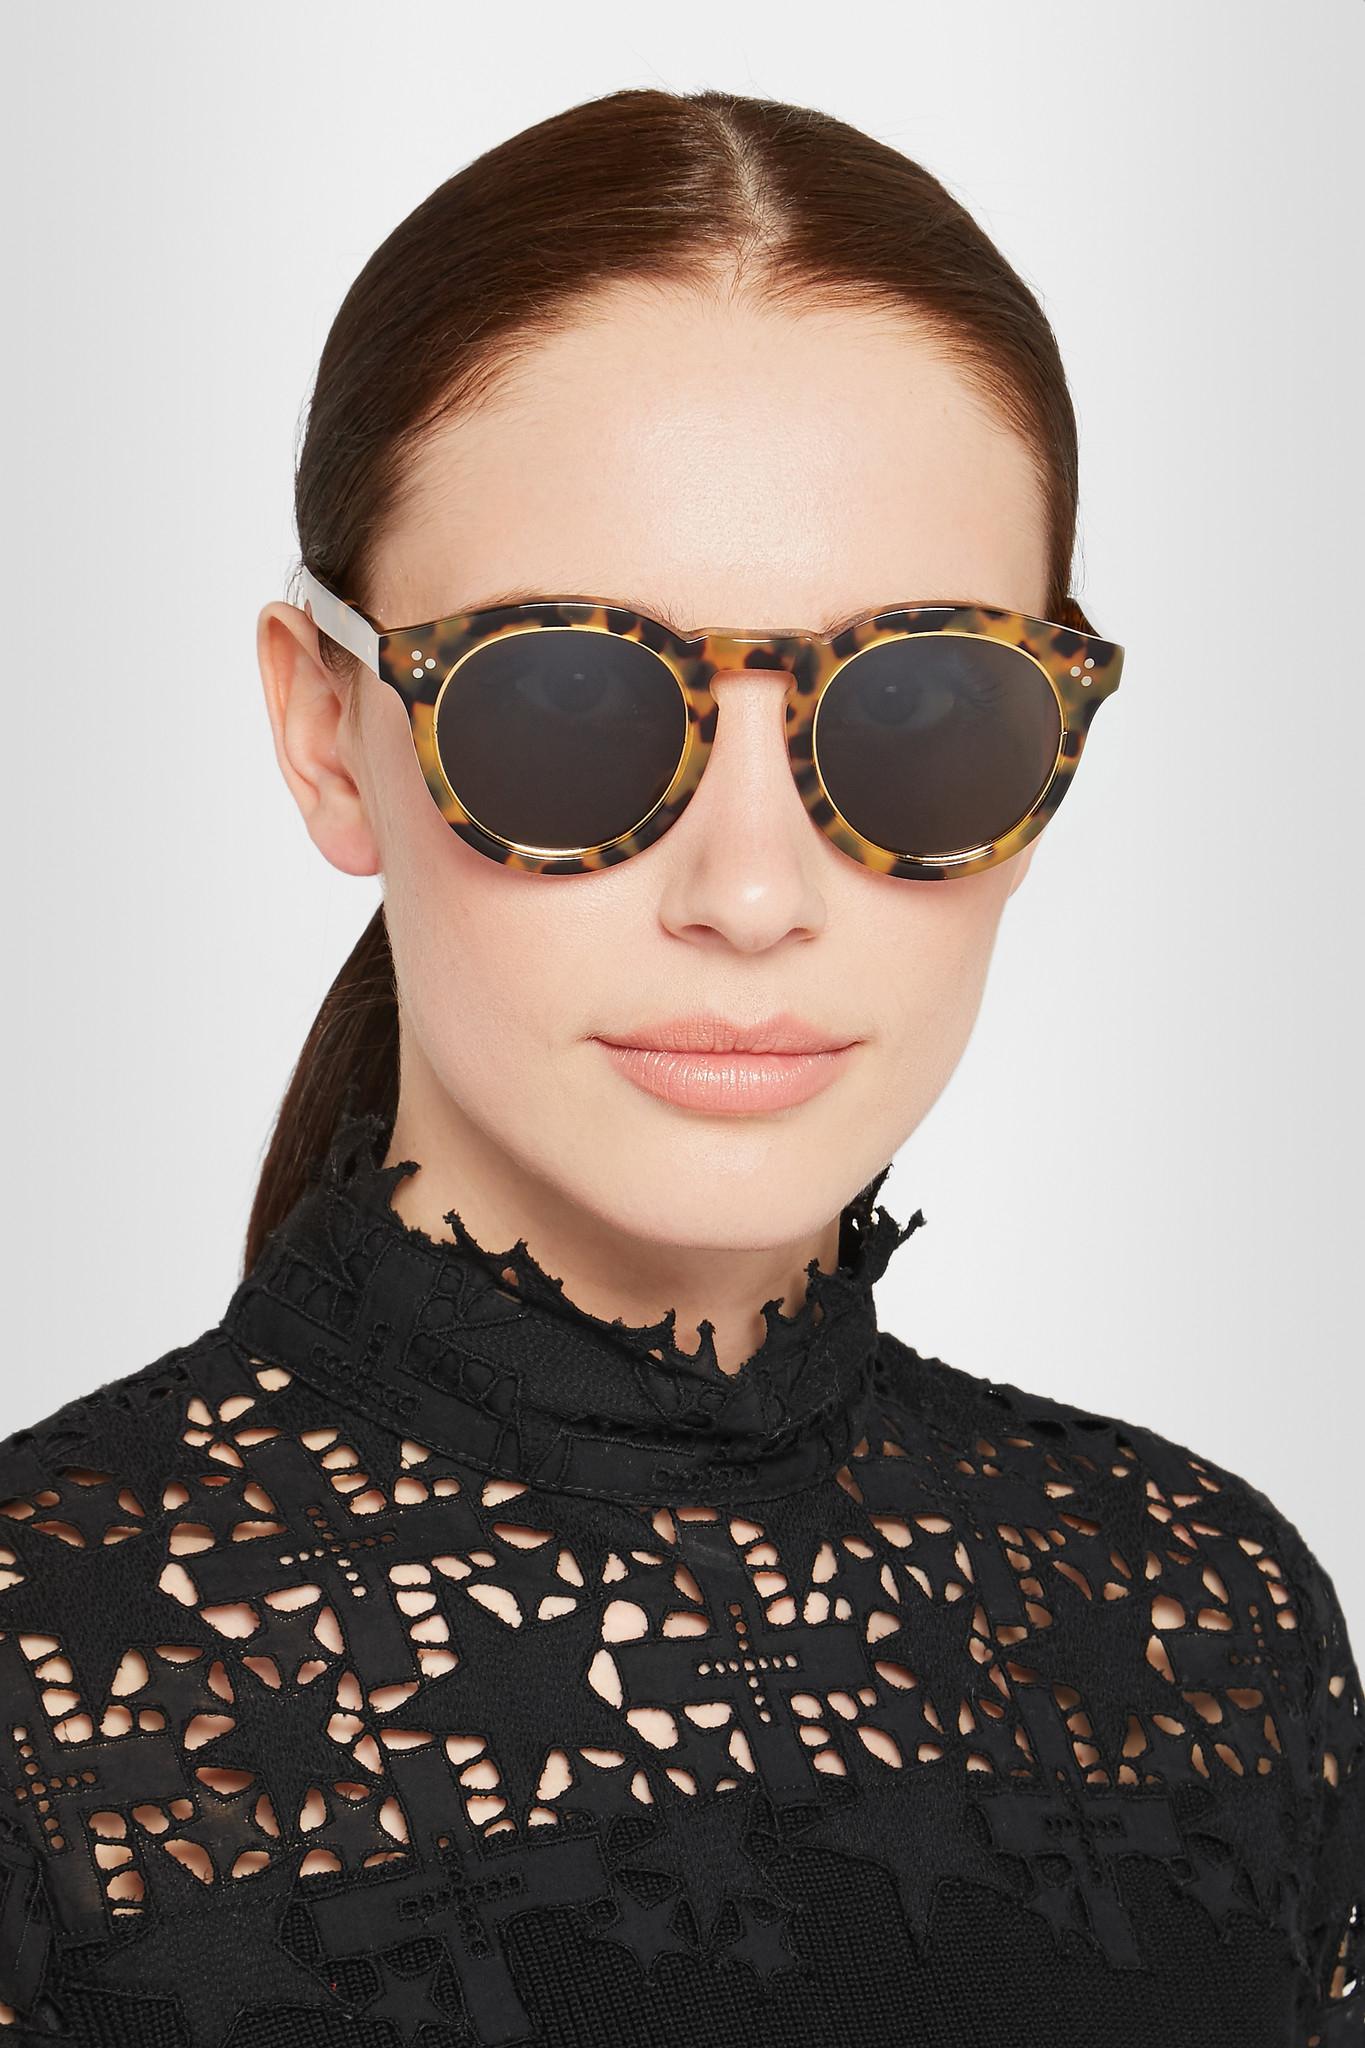 Leonard Round-frame Acetate Sunglasses - Tortoiseshell Illesteva Nuh2AhLJ